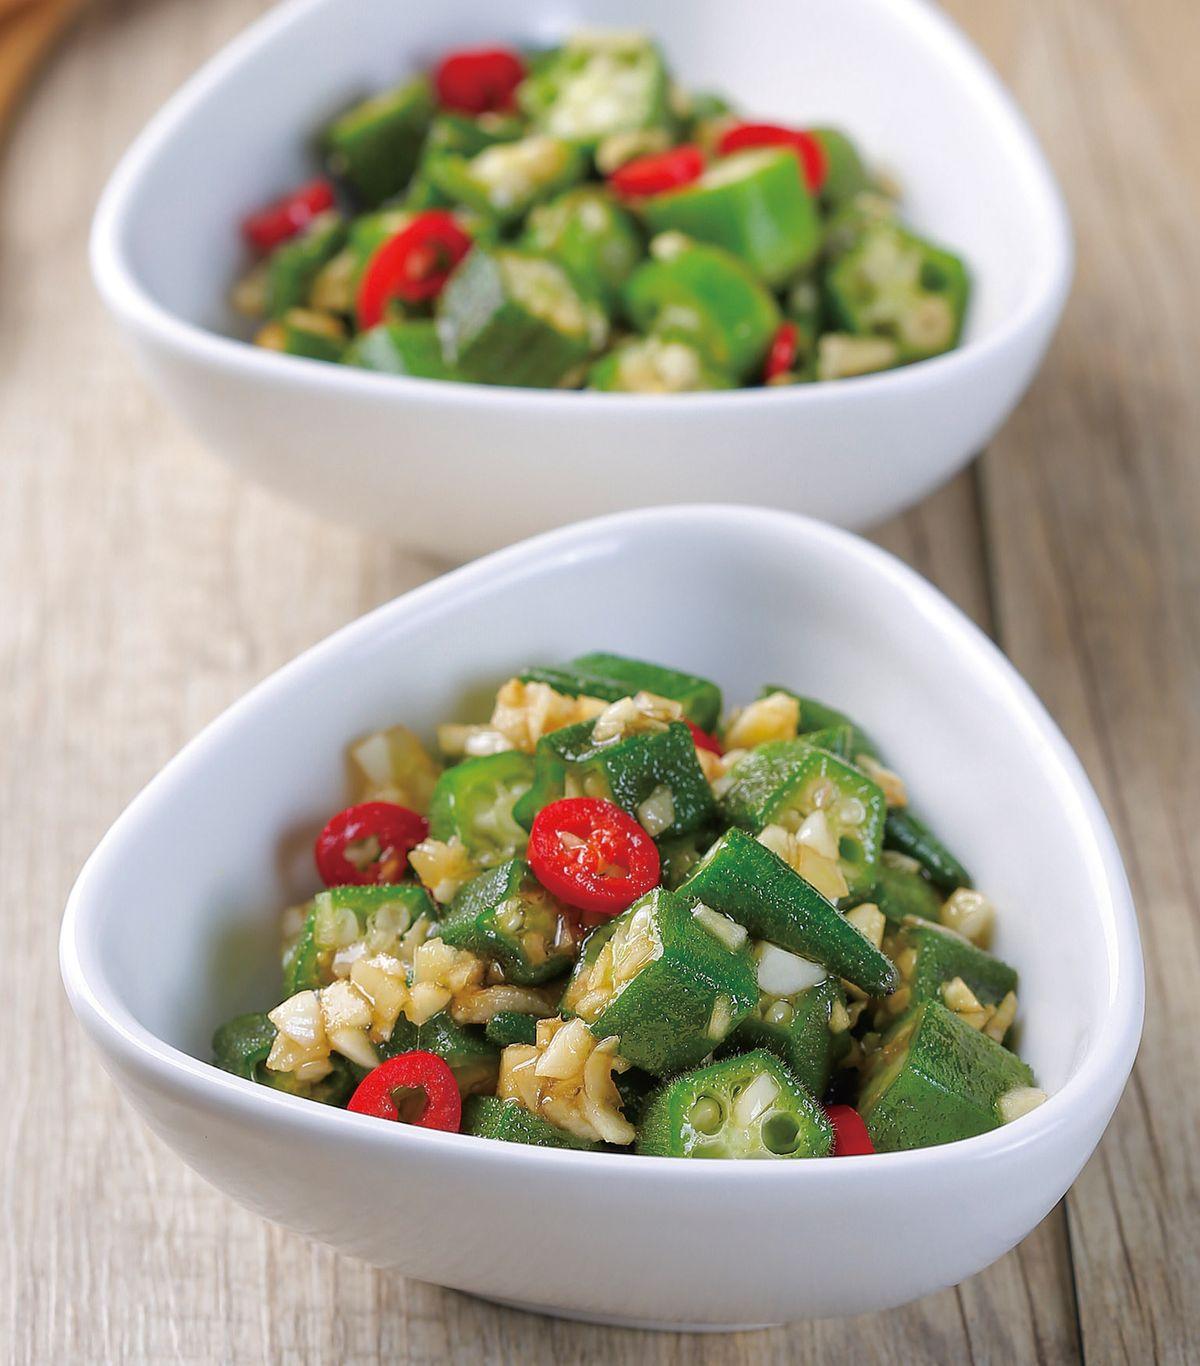 食譜:蒜汁秋葵